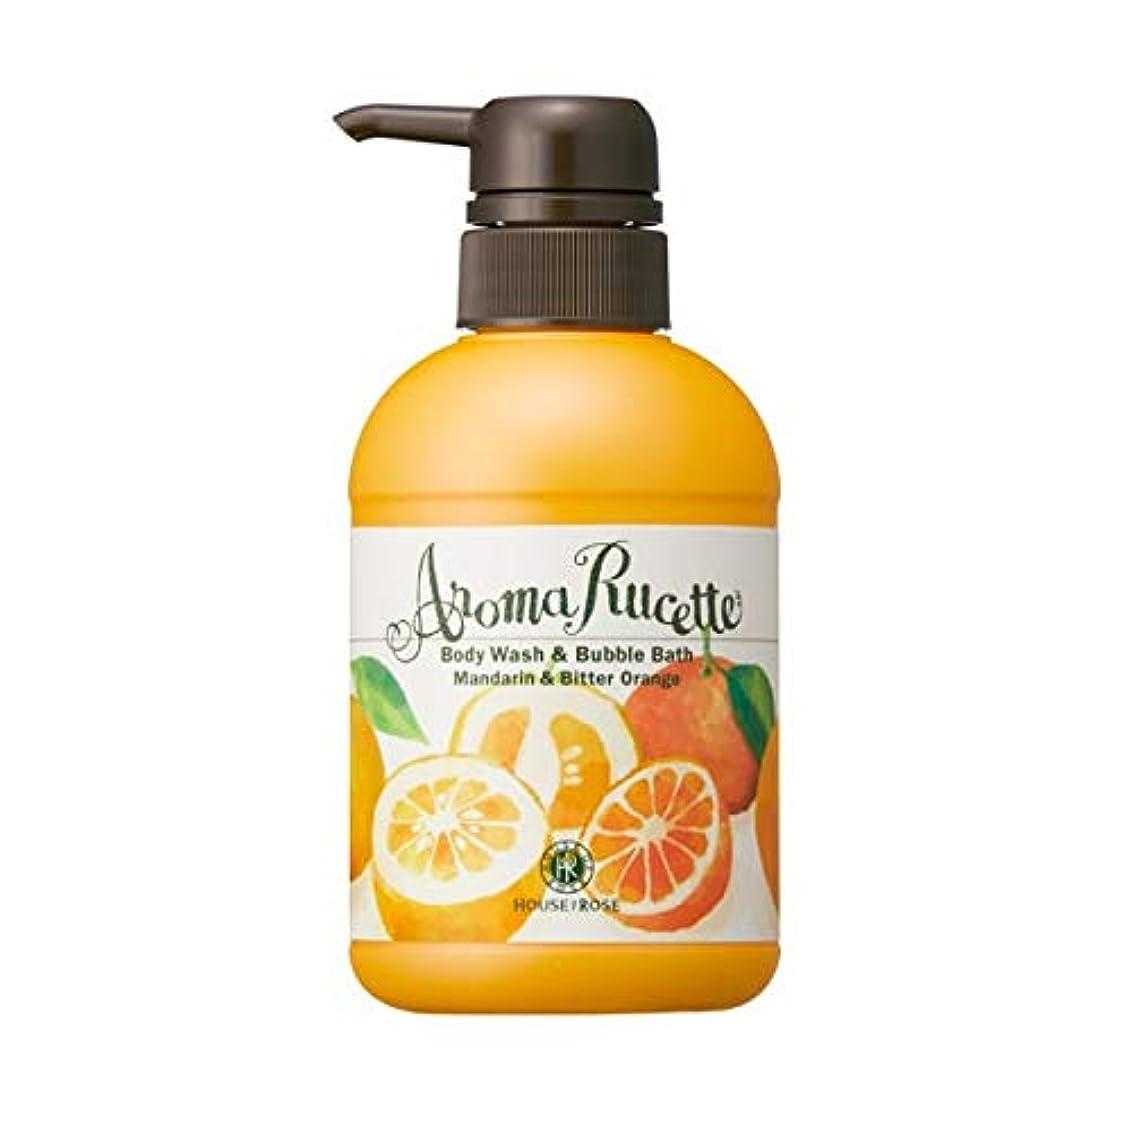 補正提供セラフHOUSE OF ROSE(ハウスオブローゼ) ハウスオブローゼ/アロマルセット ボディウォッシュ&バブルバス MD&BO(マンダリン&ビターオレンジの香り)350mL